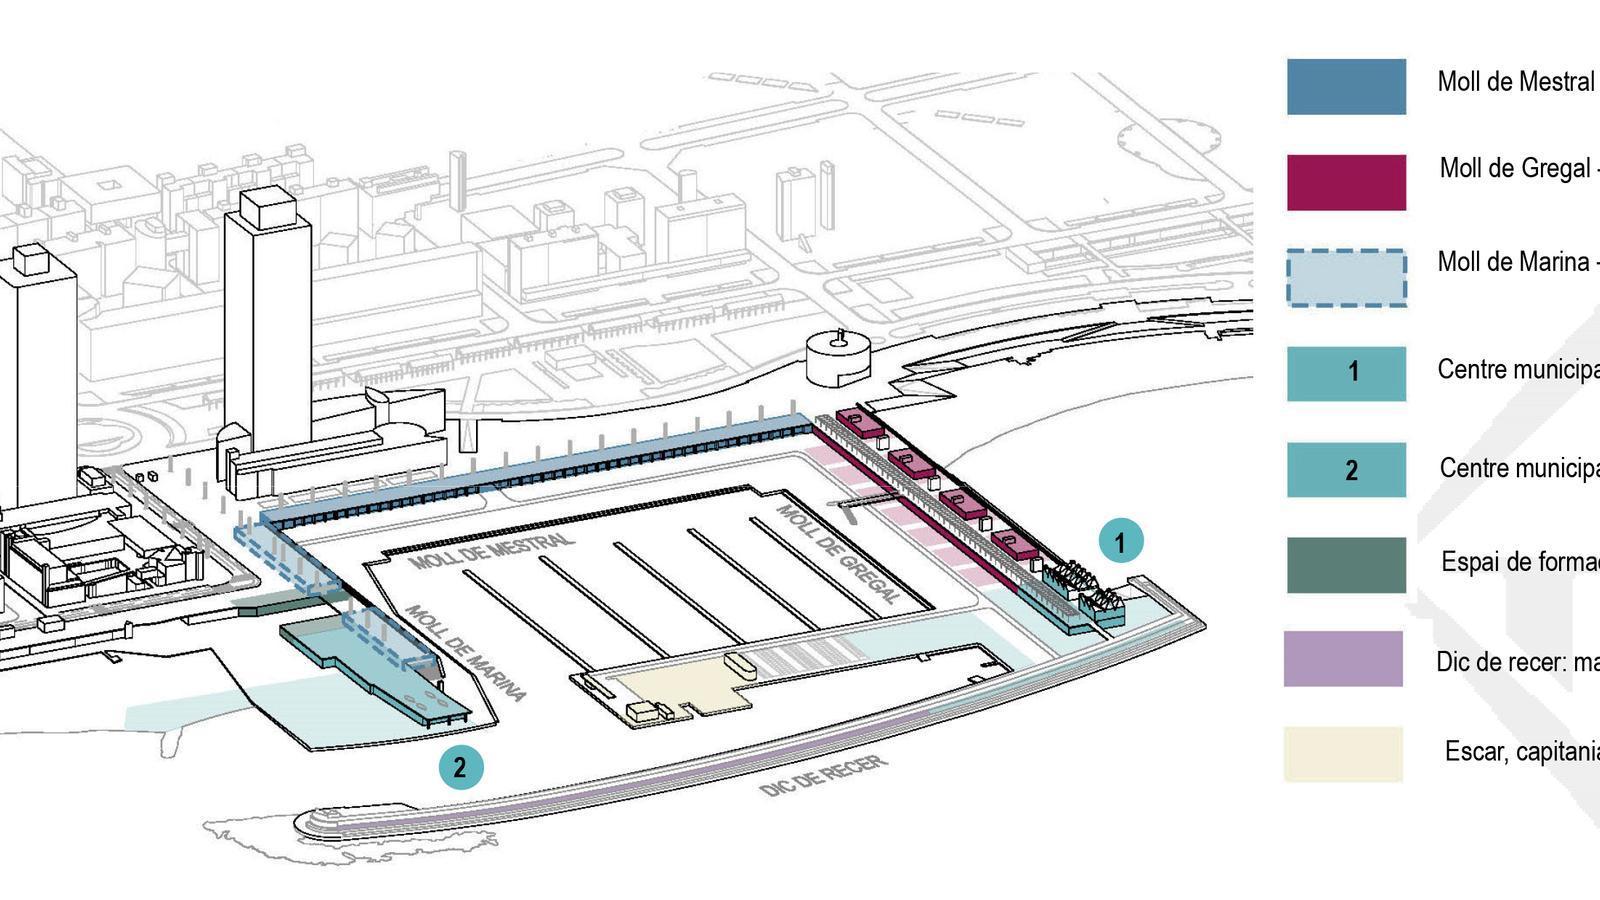 Distribuació dels nous usos projectats al Port Olímpic de Barcelona